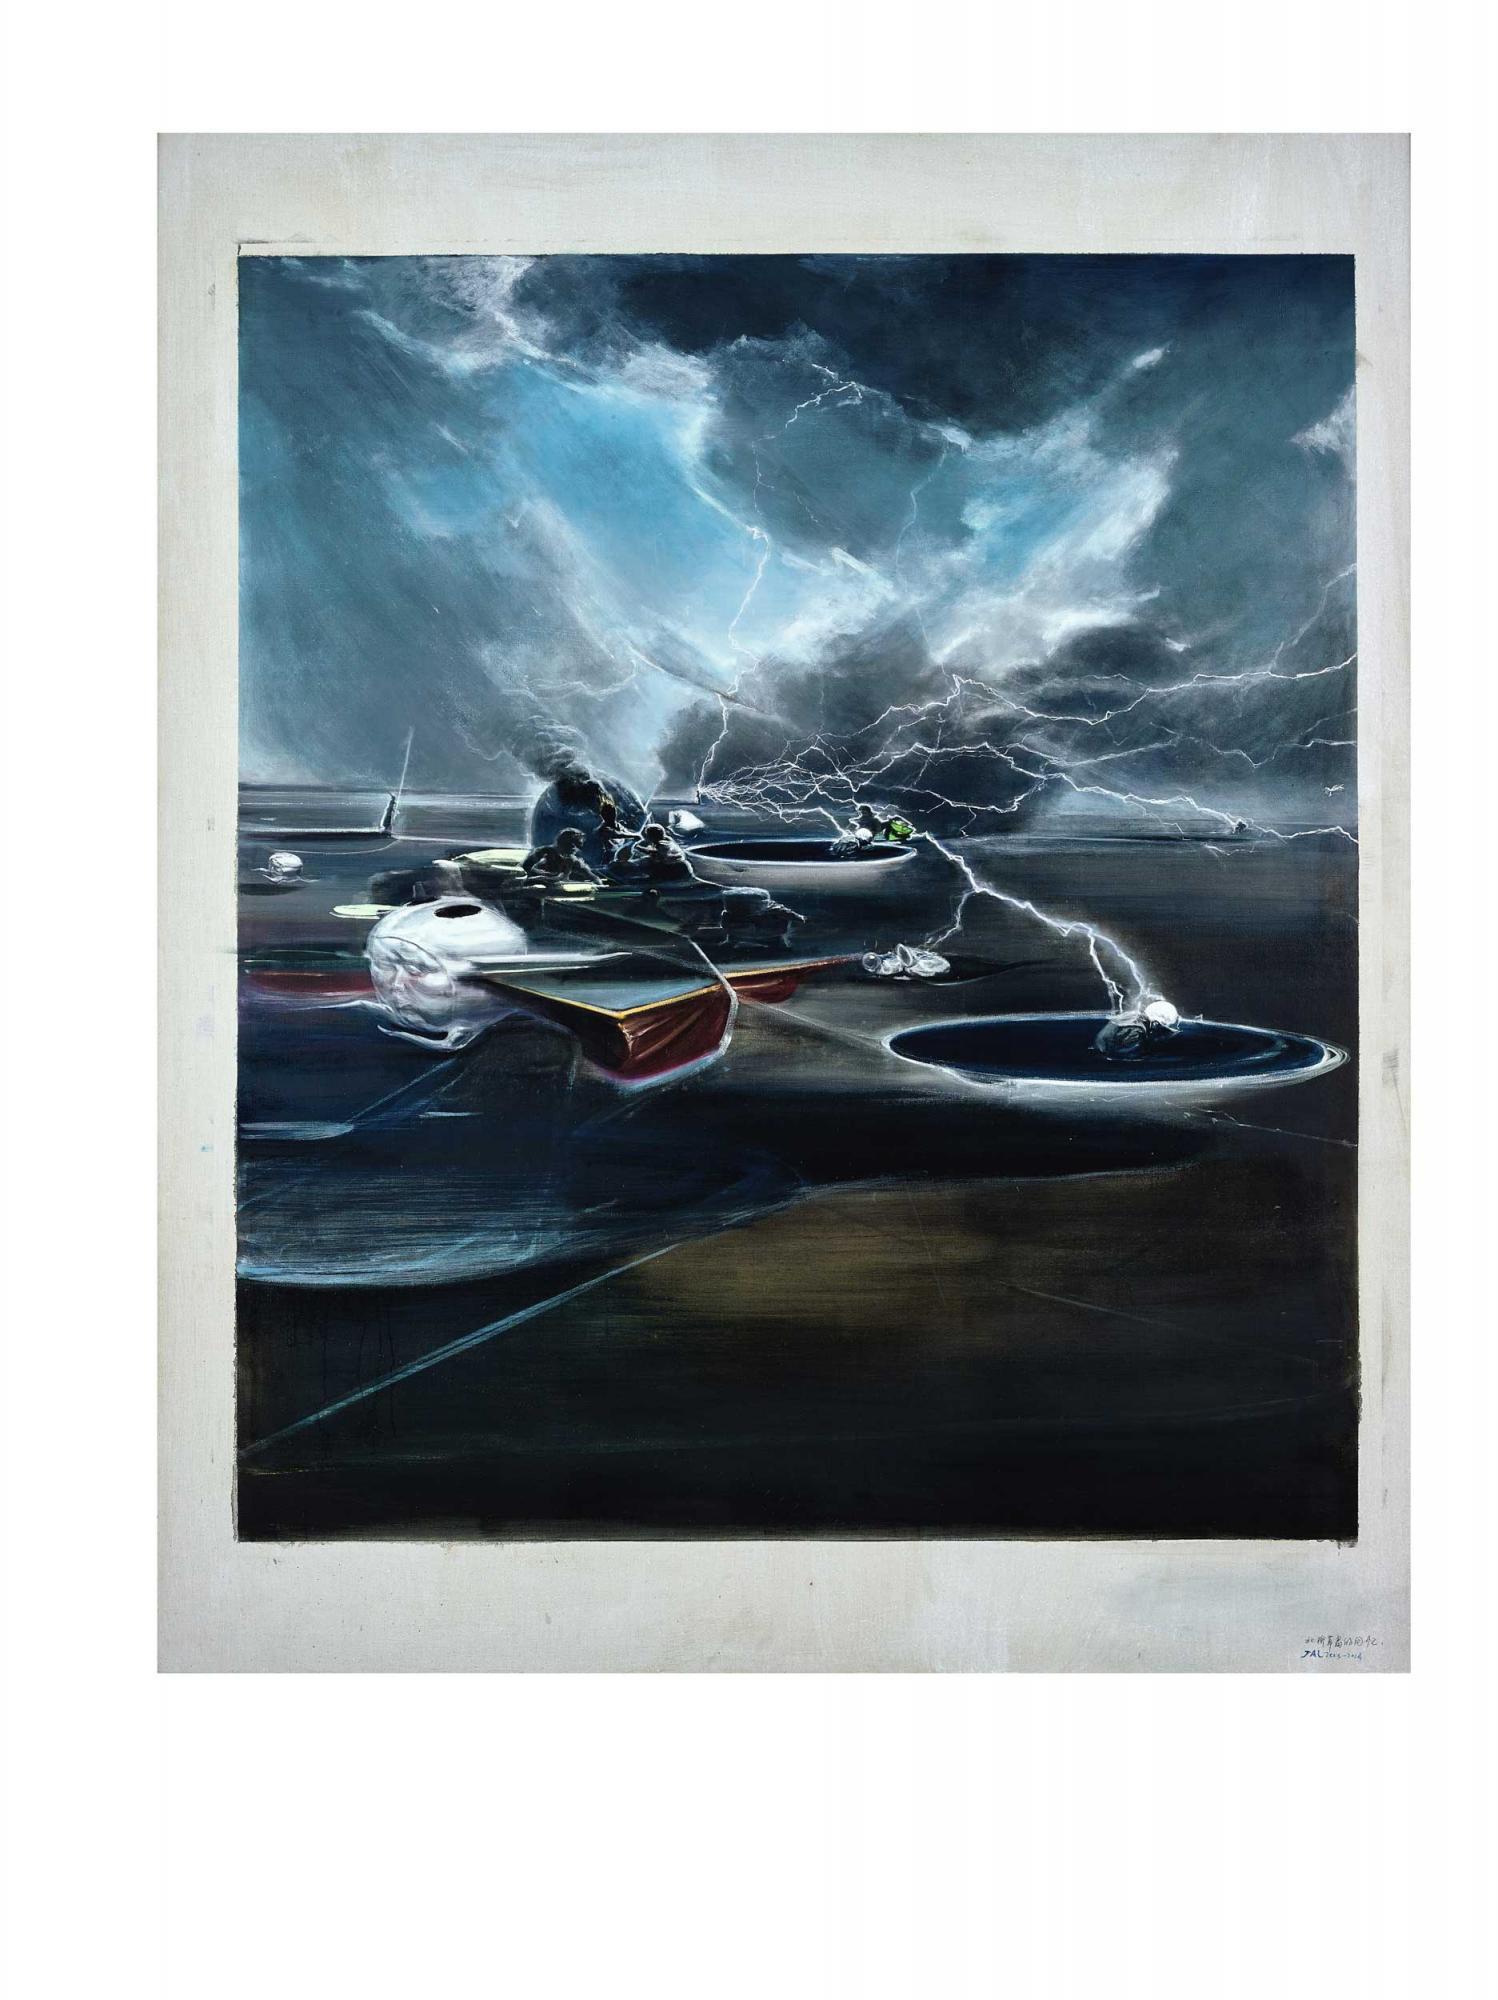 賈藹力 《北柳草島的回憶》 2013-2014年作,油畫畫布, 220 x 180 公分 估價:7,000,000 - 10,000,000港元